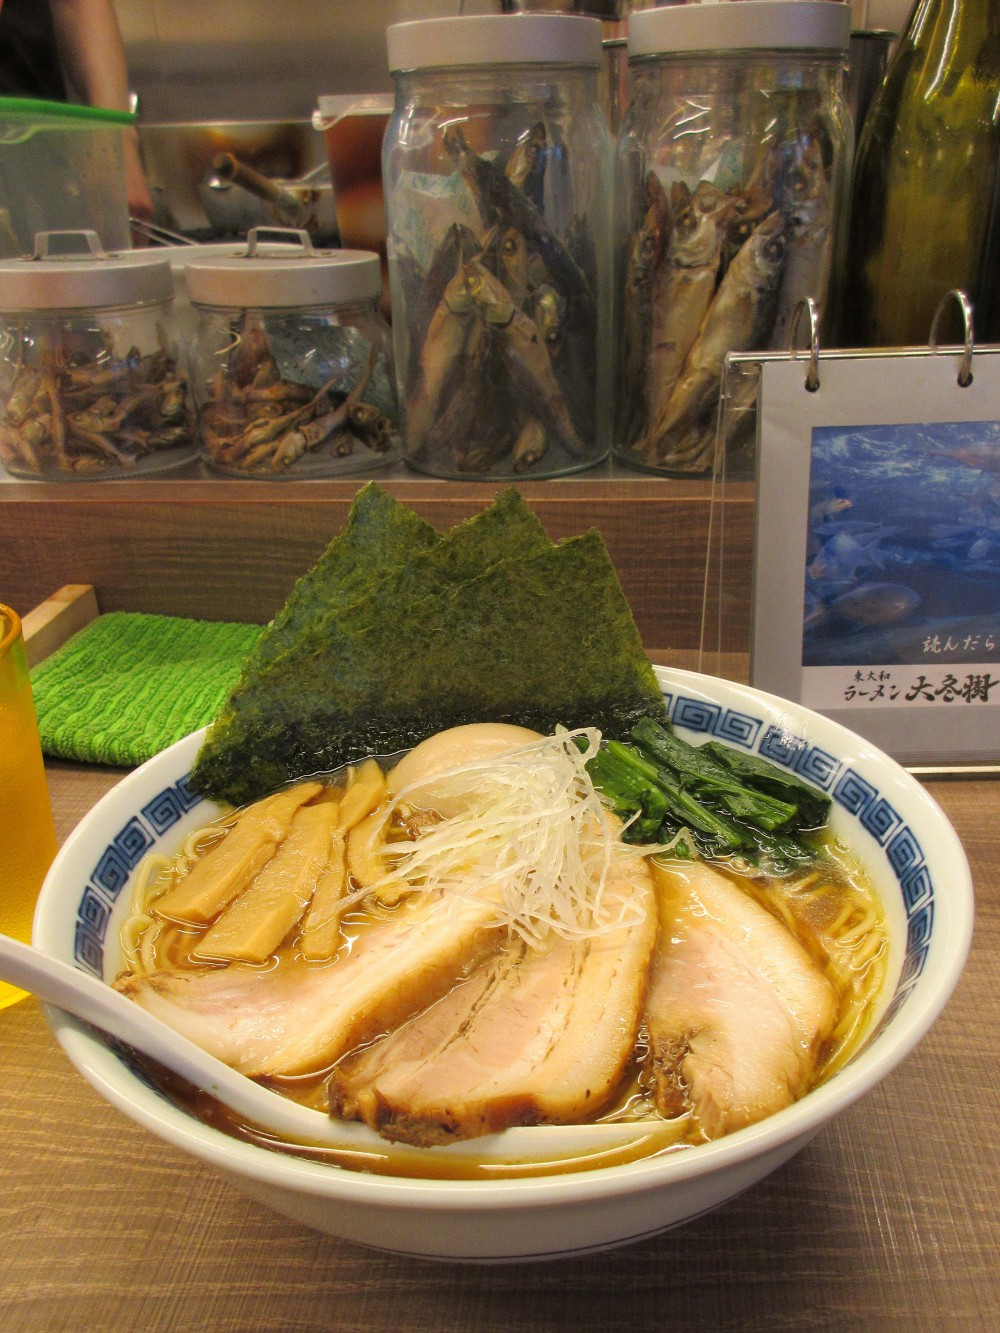 ラーメン大冬樹@東大和市〜コンセプトは海! 衝撃の鯛白湯